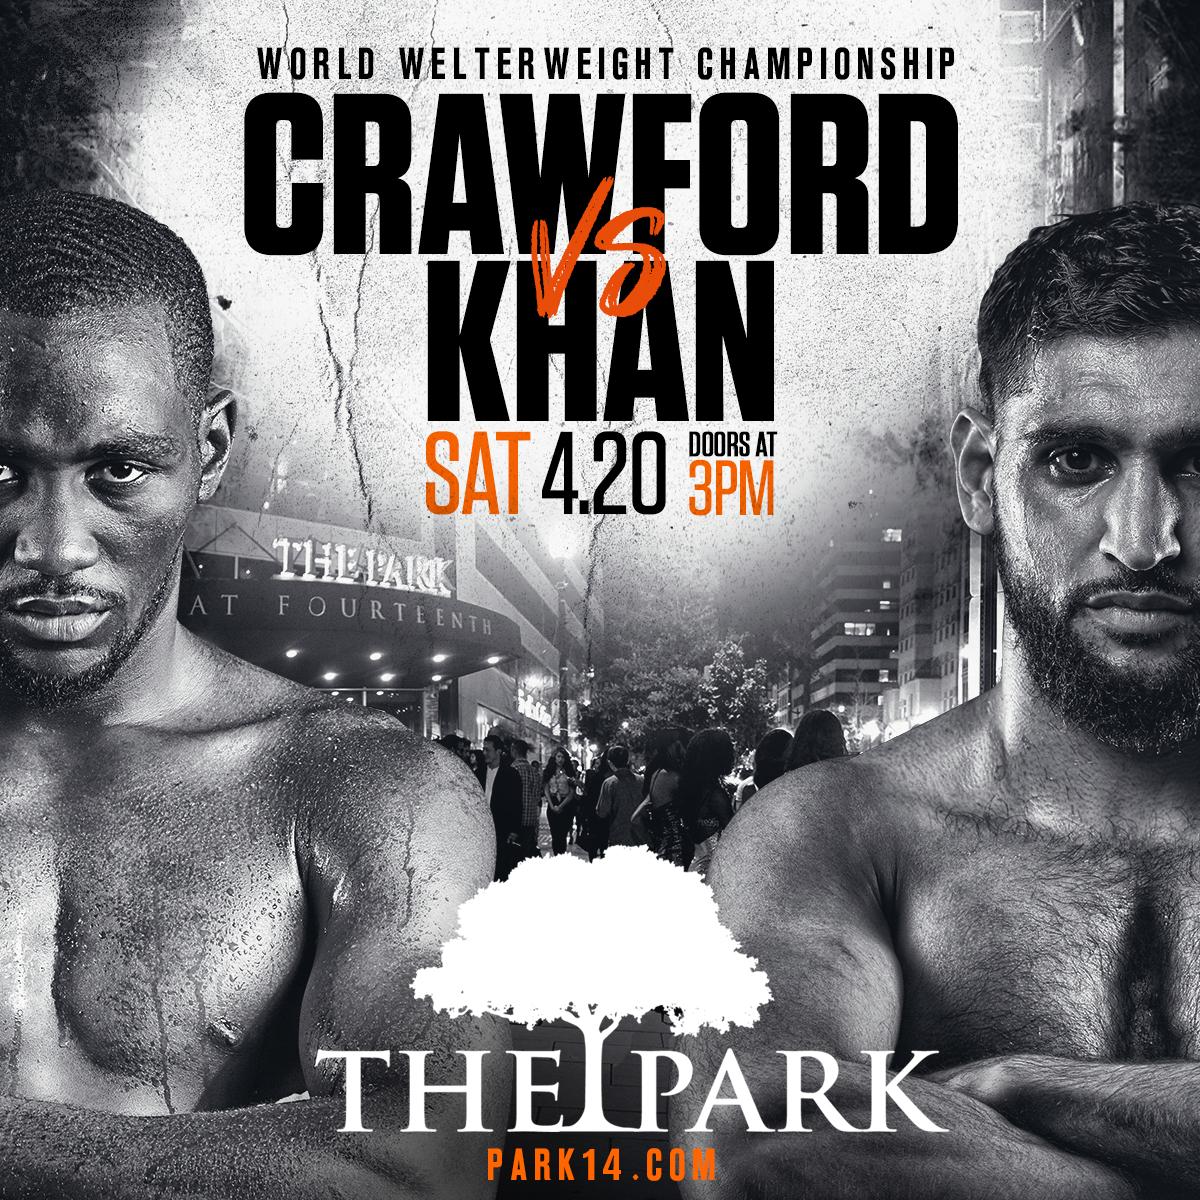 Crawford vs Khan flyer v2.jpg